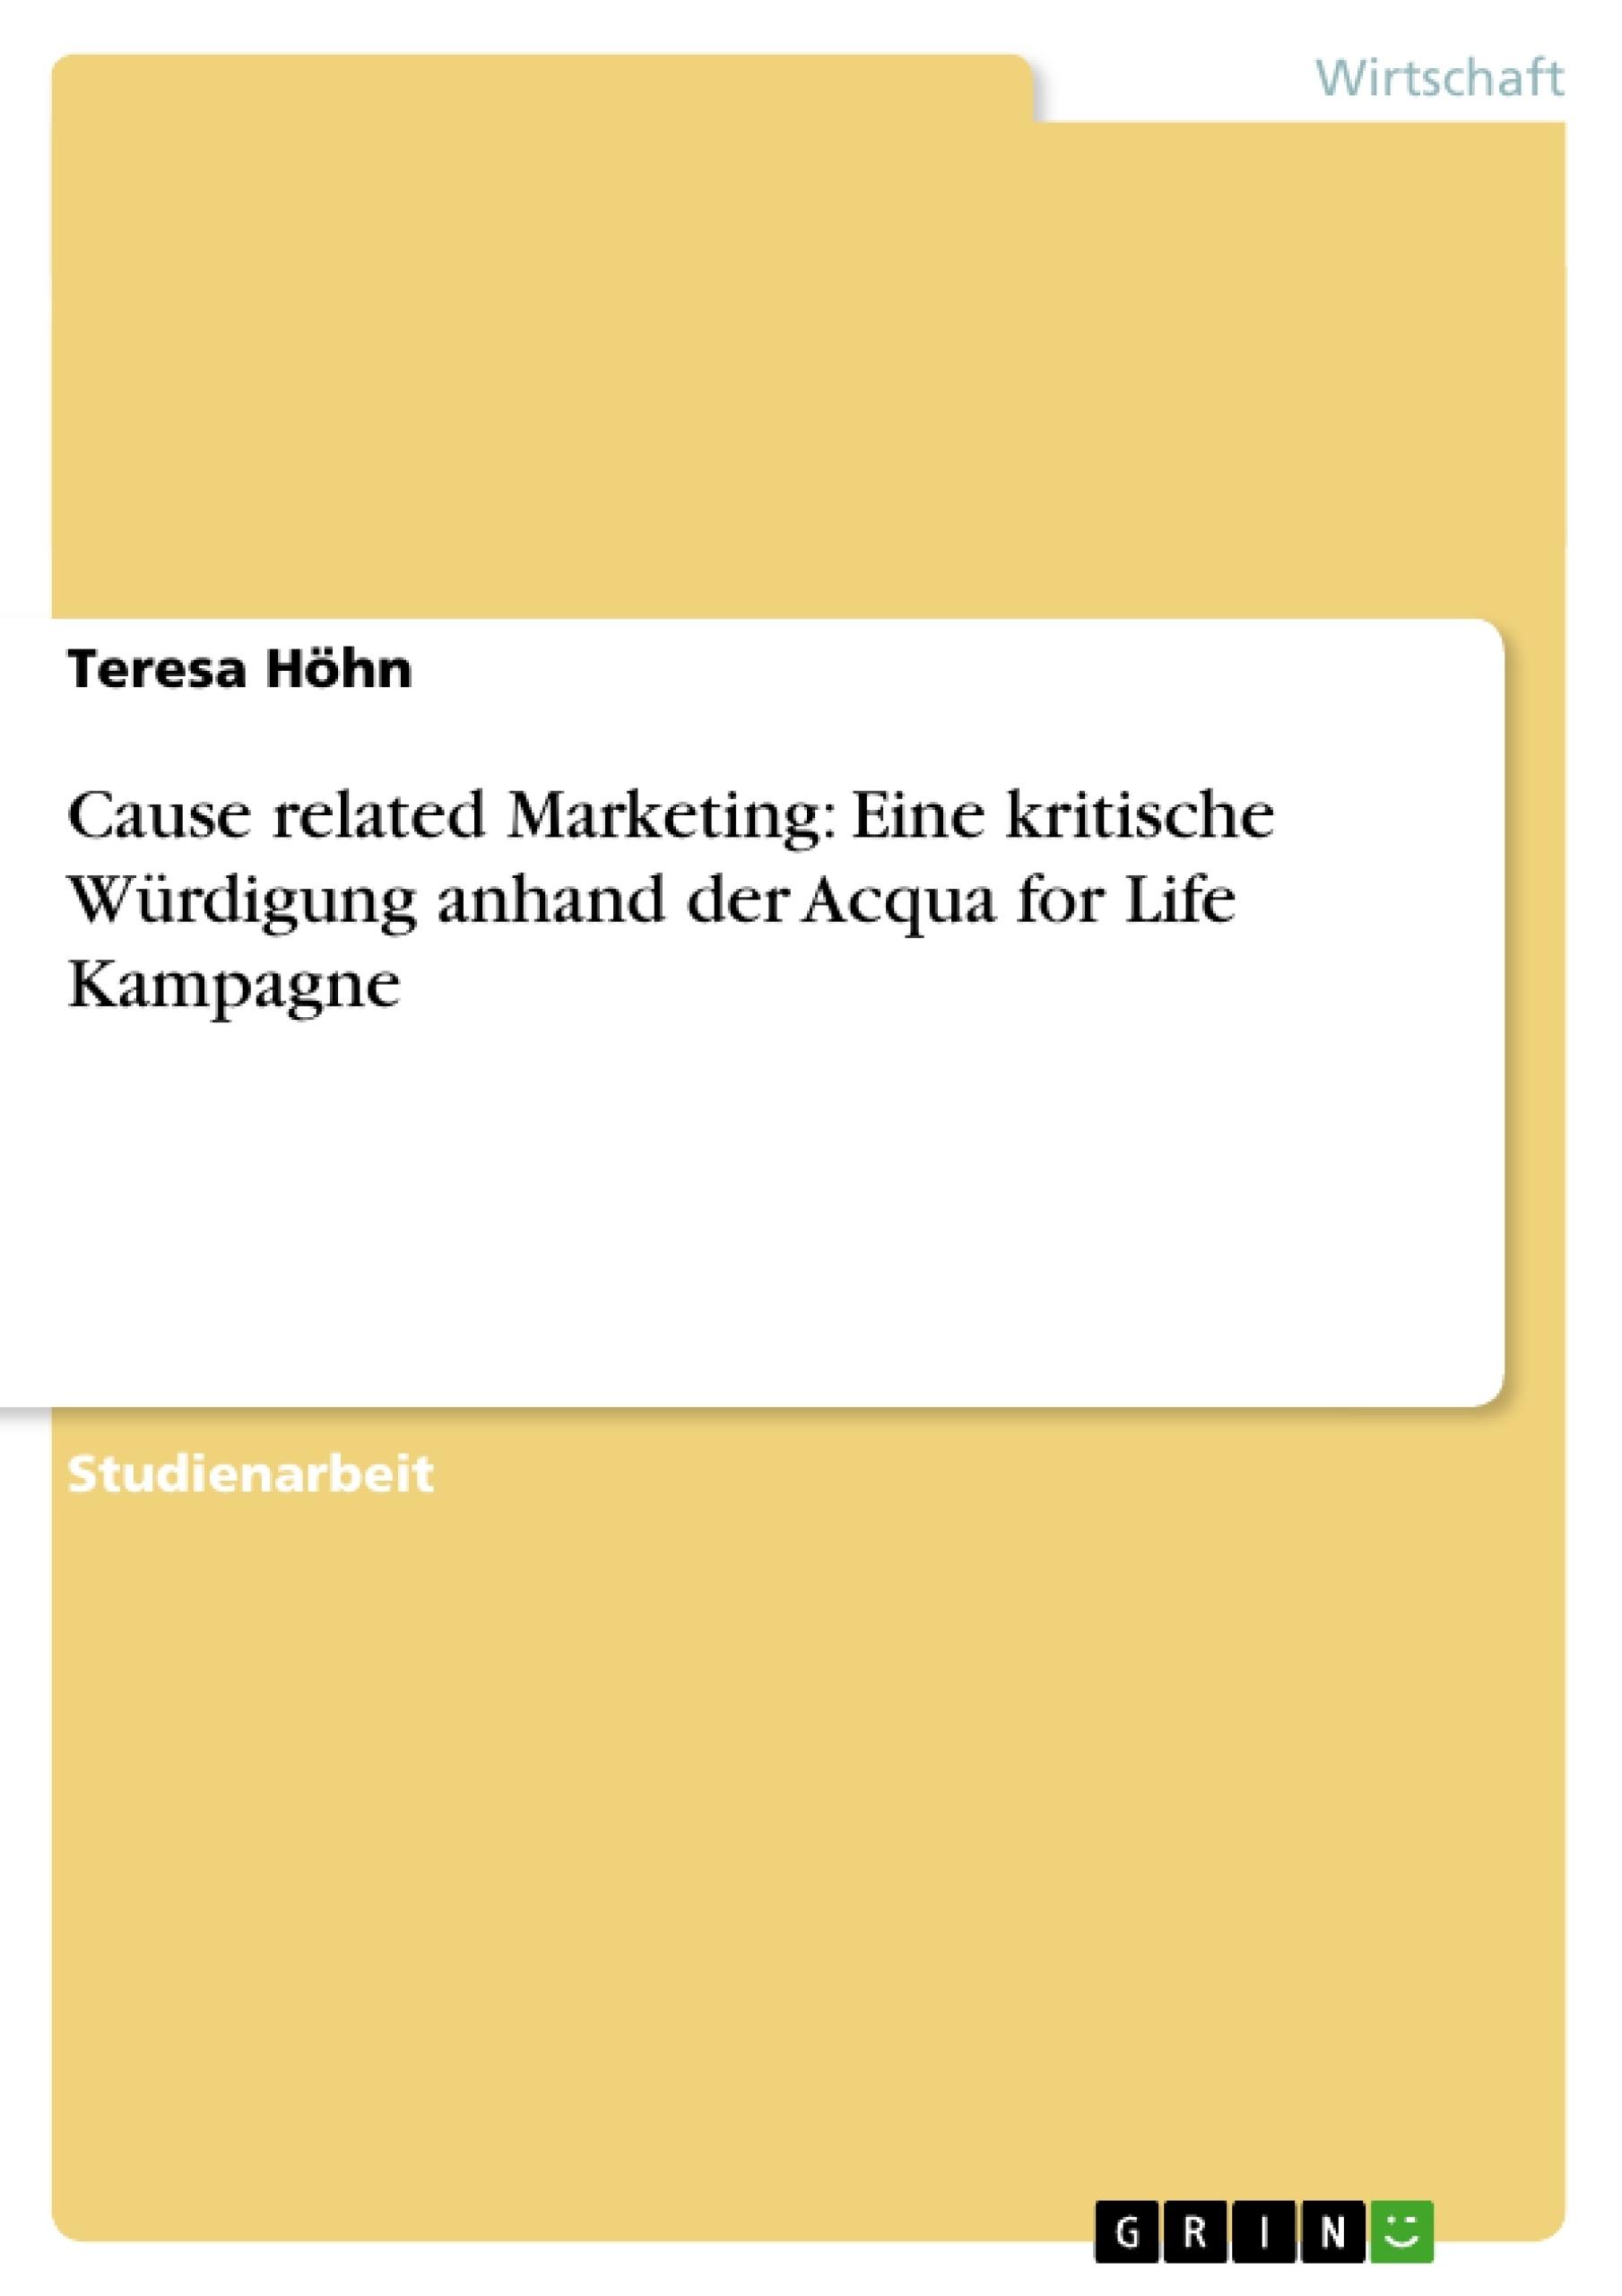 Titel: Cause related Marketing: Eine kritische Würdigung anhand der Acqua for Life Kampagne